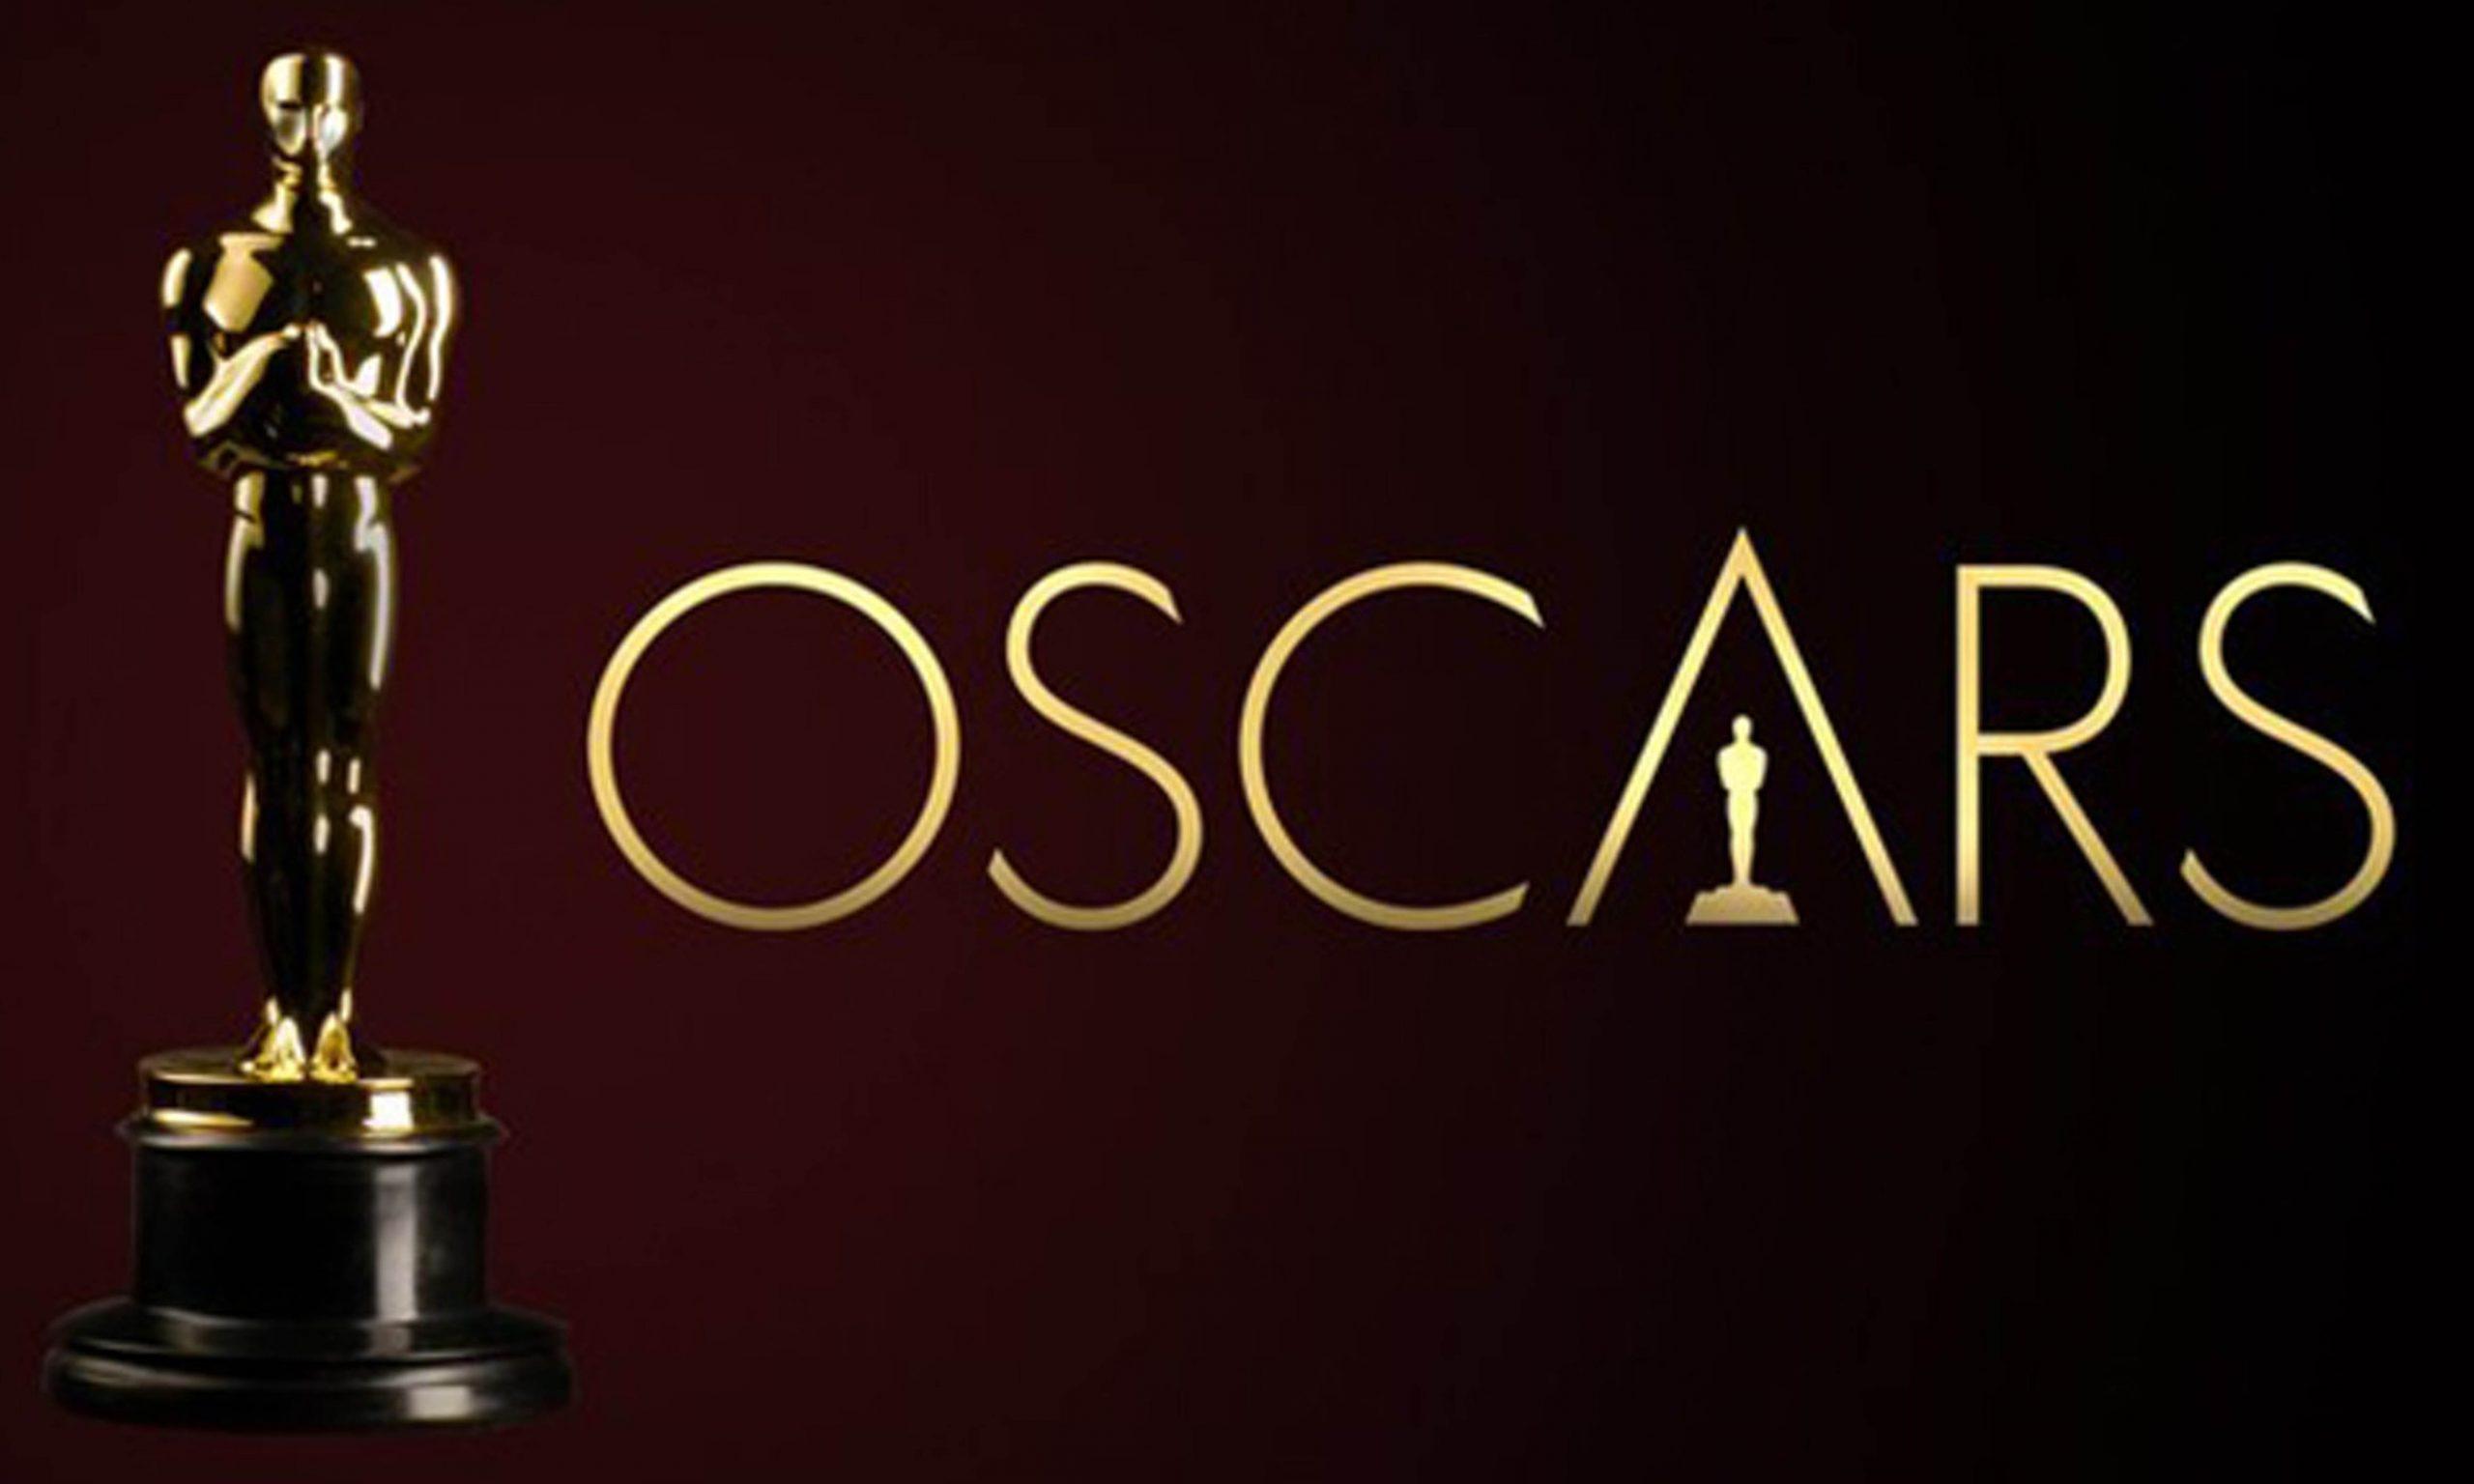 第 93 届奥斯卡颁奖典礼确认延期两个月